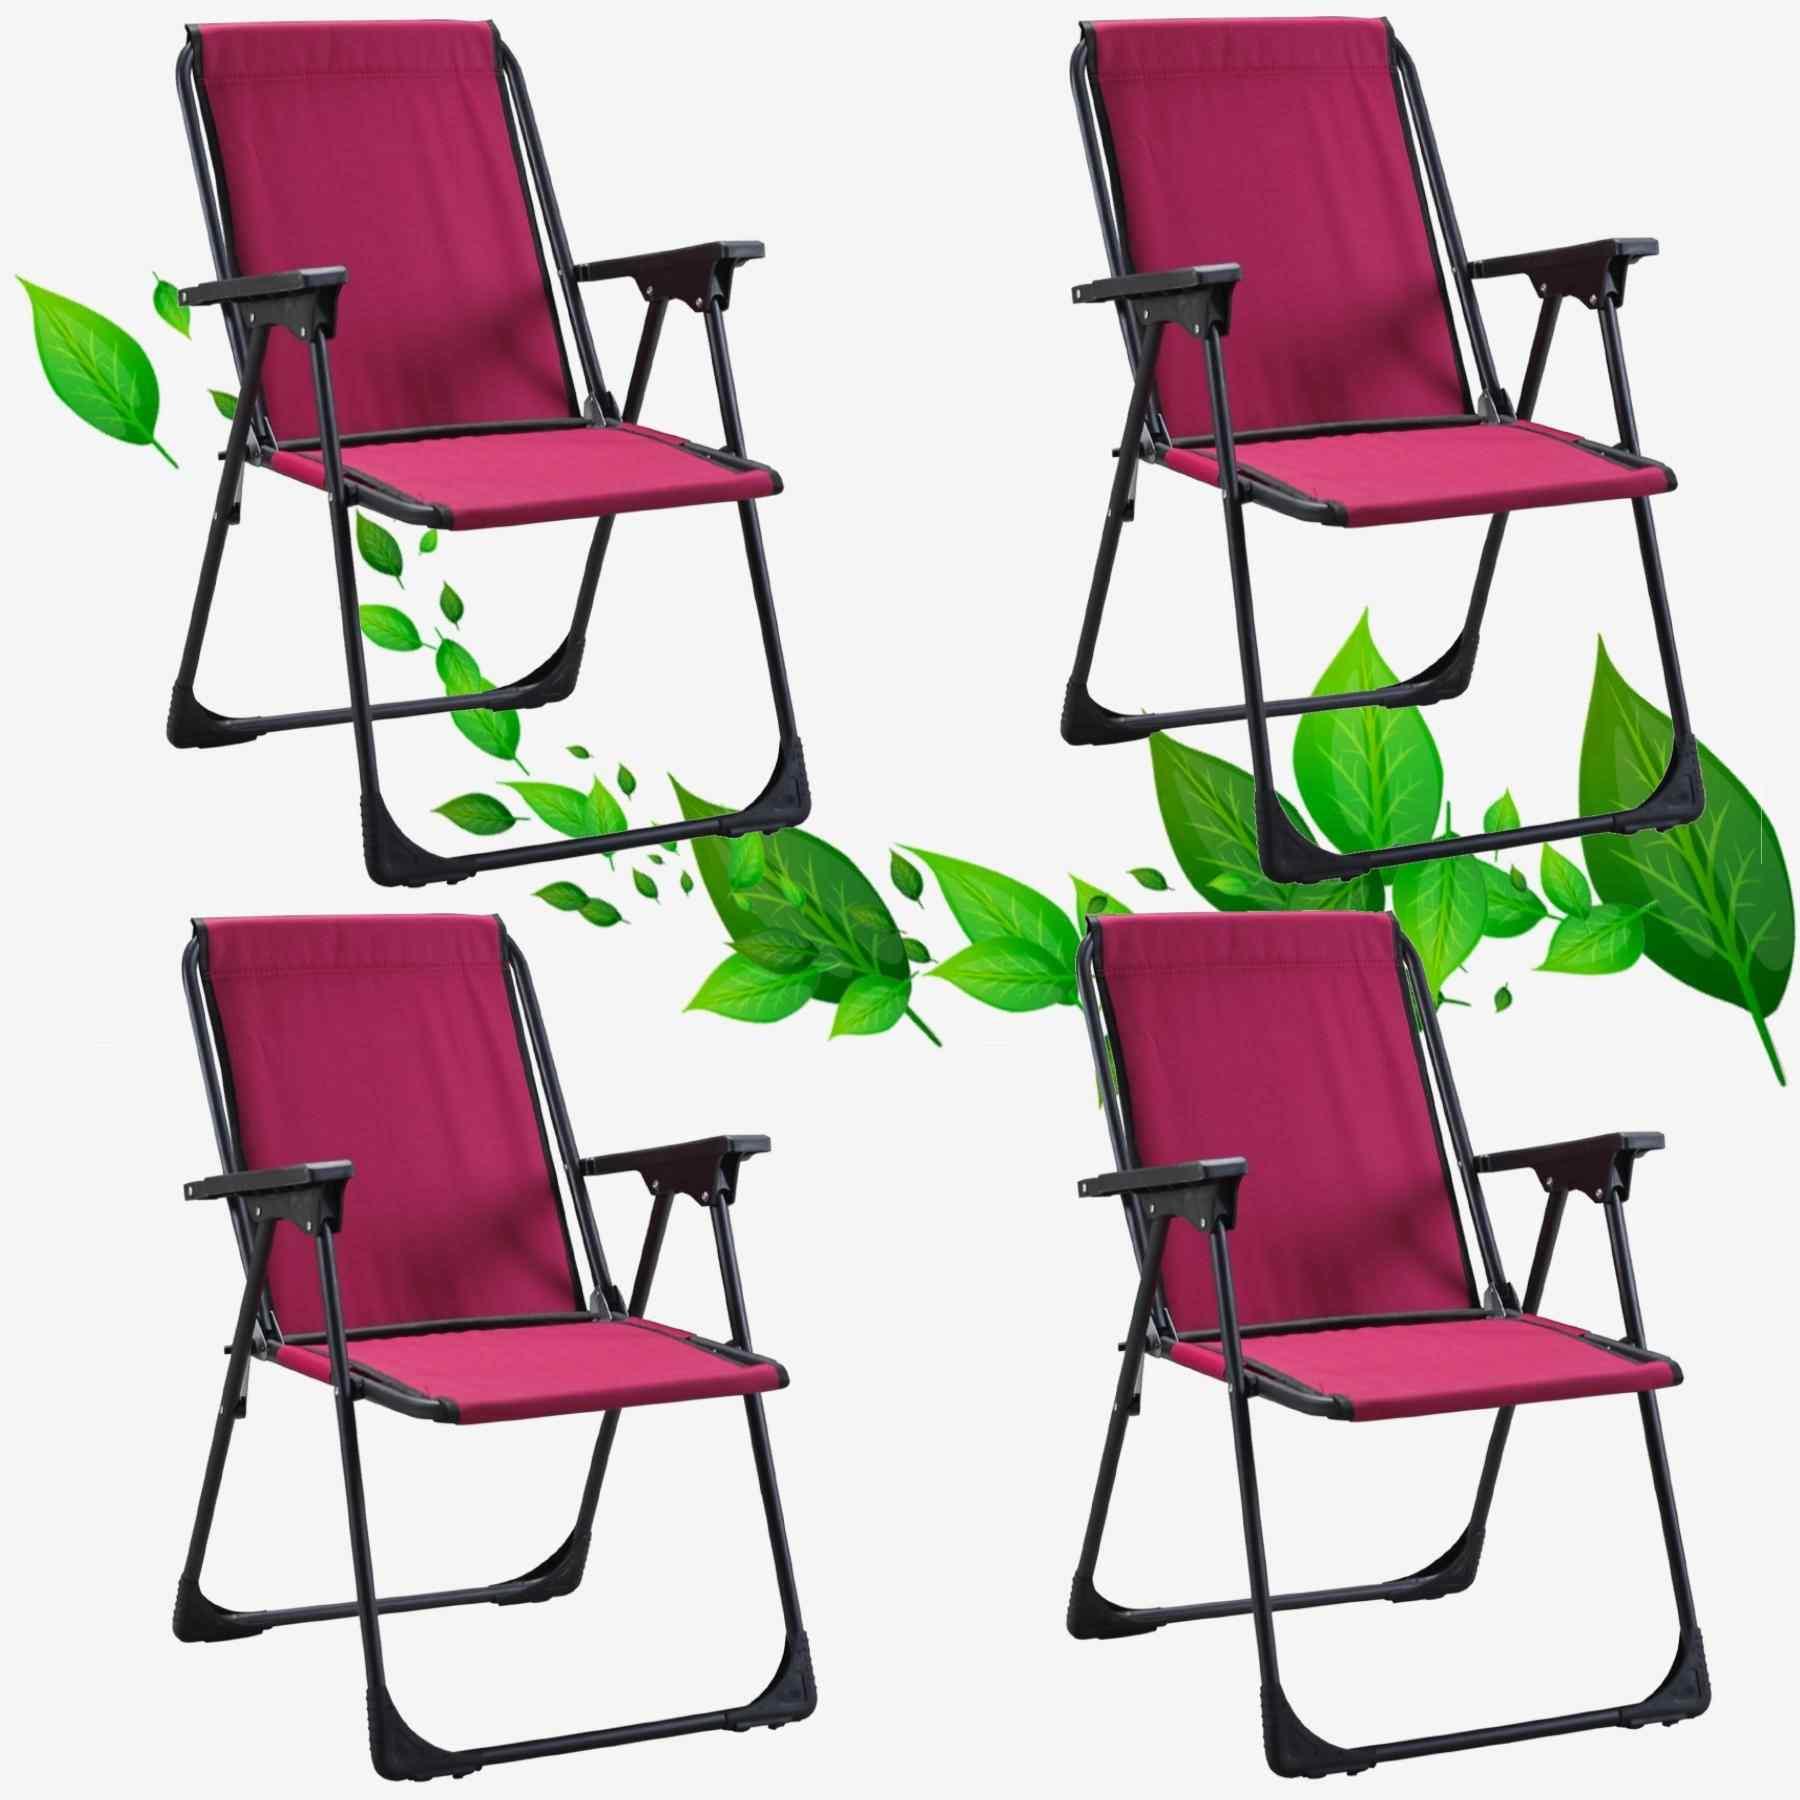 Star Katlanır Koltuk Piknik Plaj Sandalyesi Kamp Sandalyesi Bordo 4 Adet